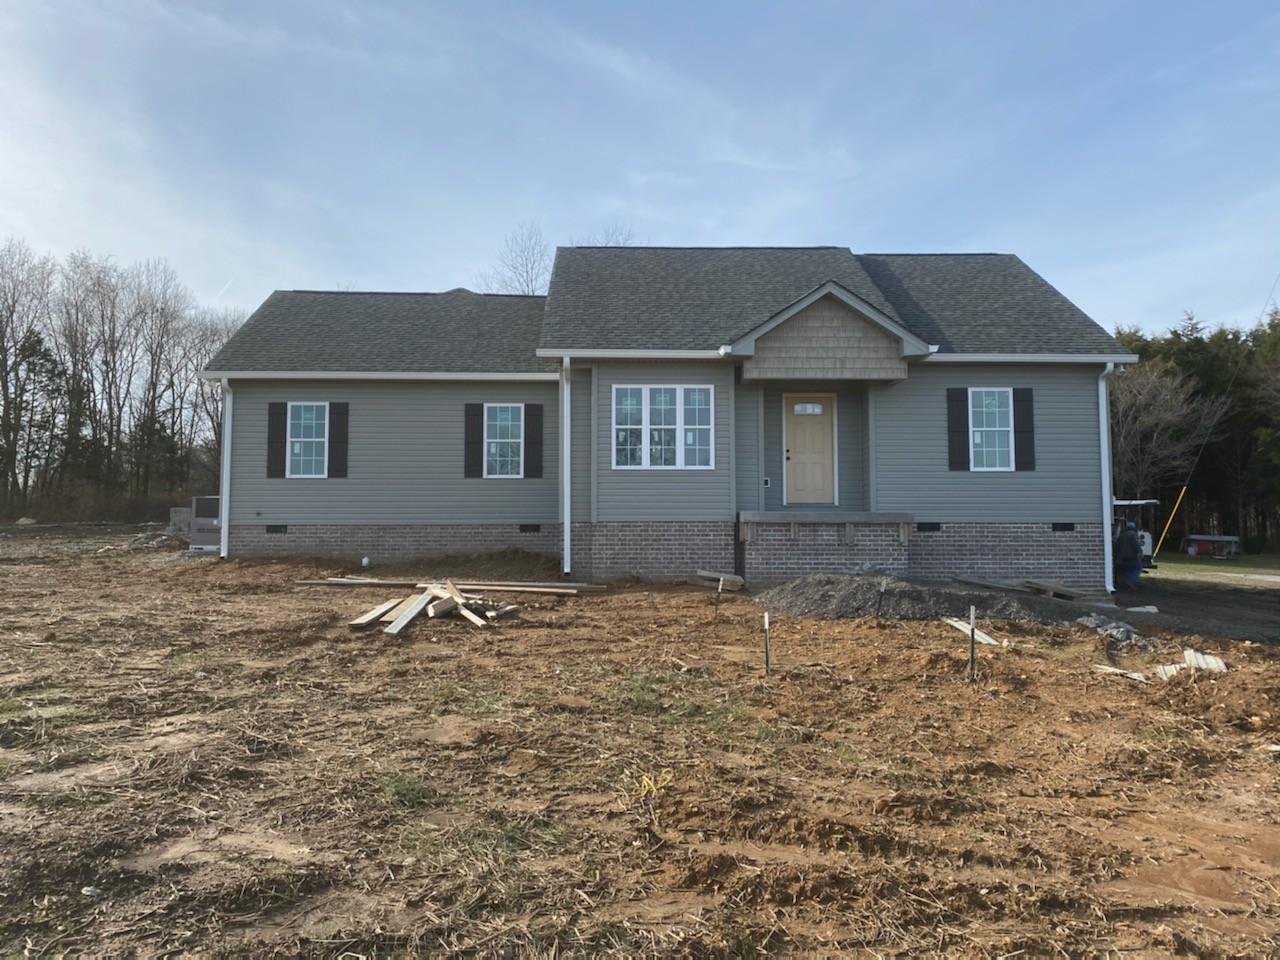 1085 Brummitt Rd, Castalian Springs, TN 37031 - Castalian Springs, TN real estate listing